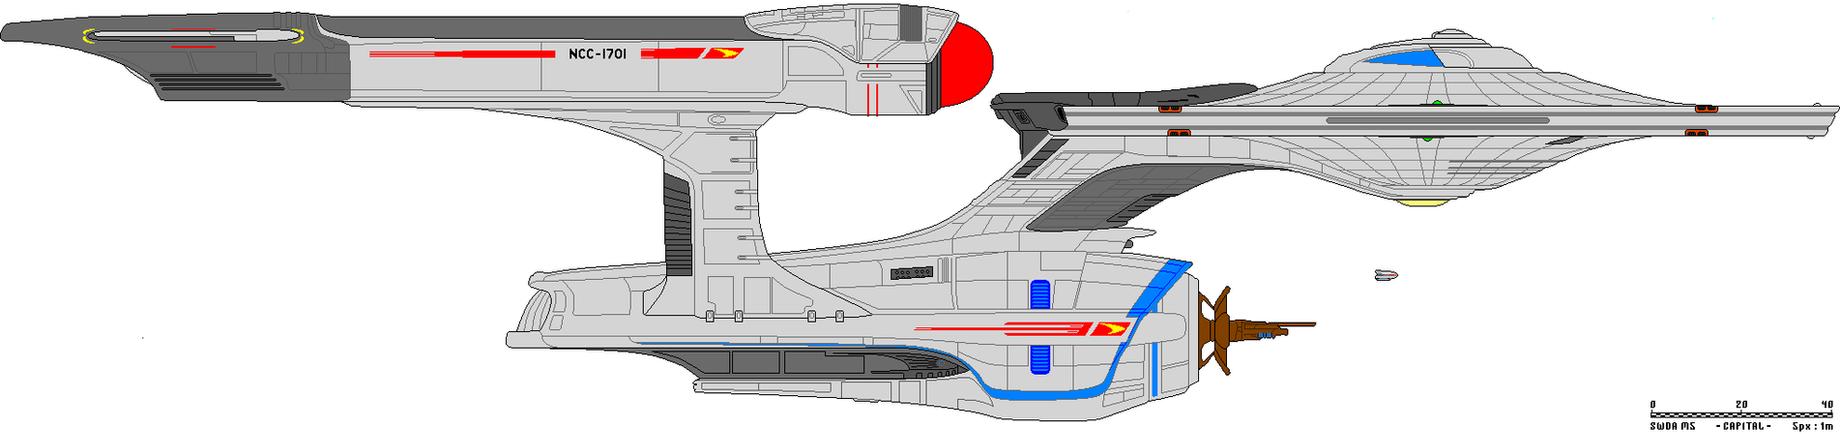 Gabes Enterprise By Gundam1701 On DeviantArt